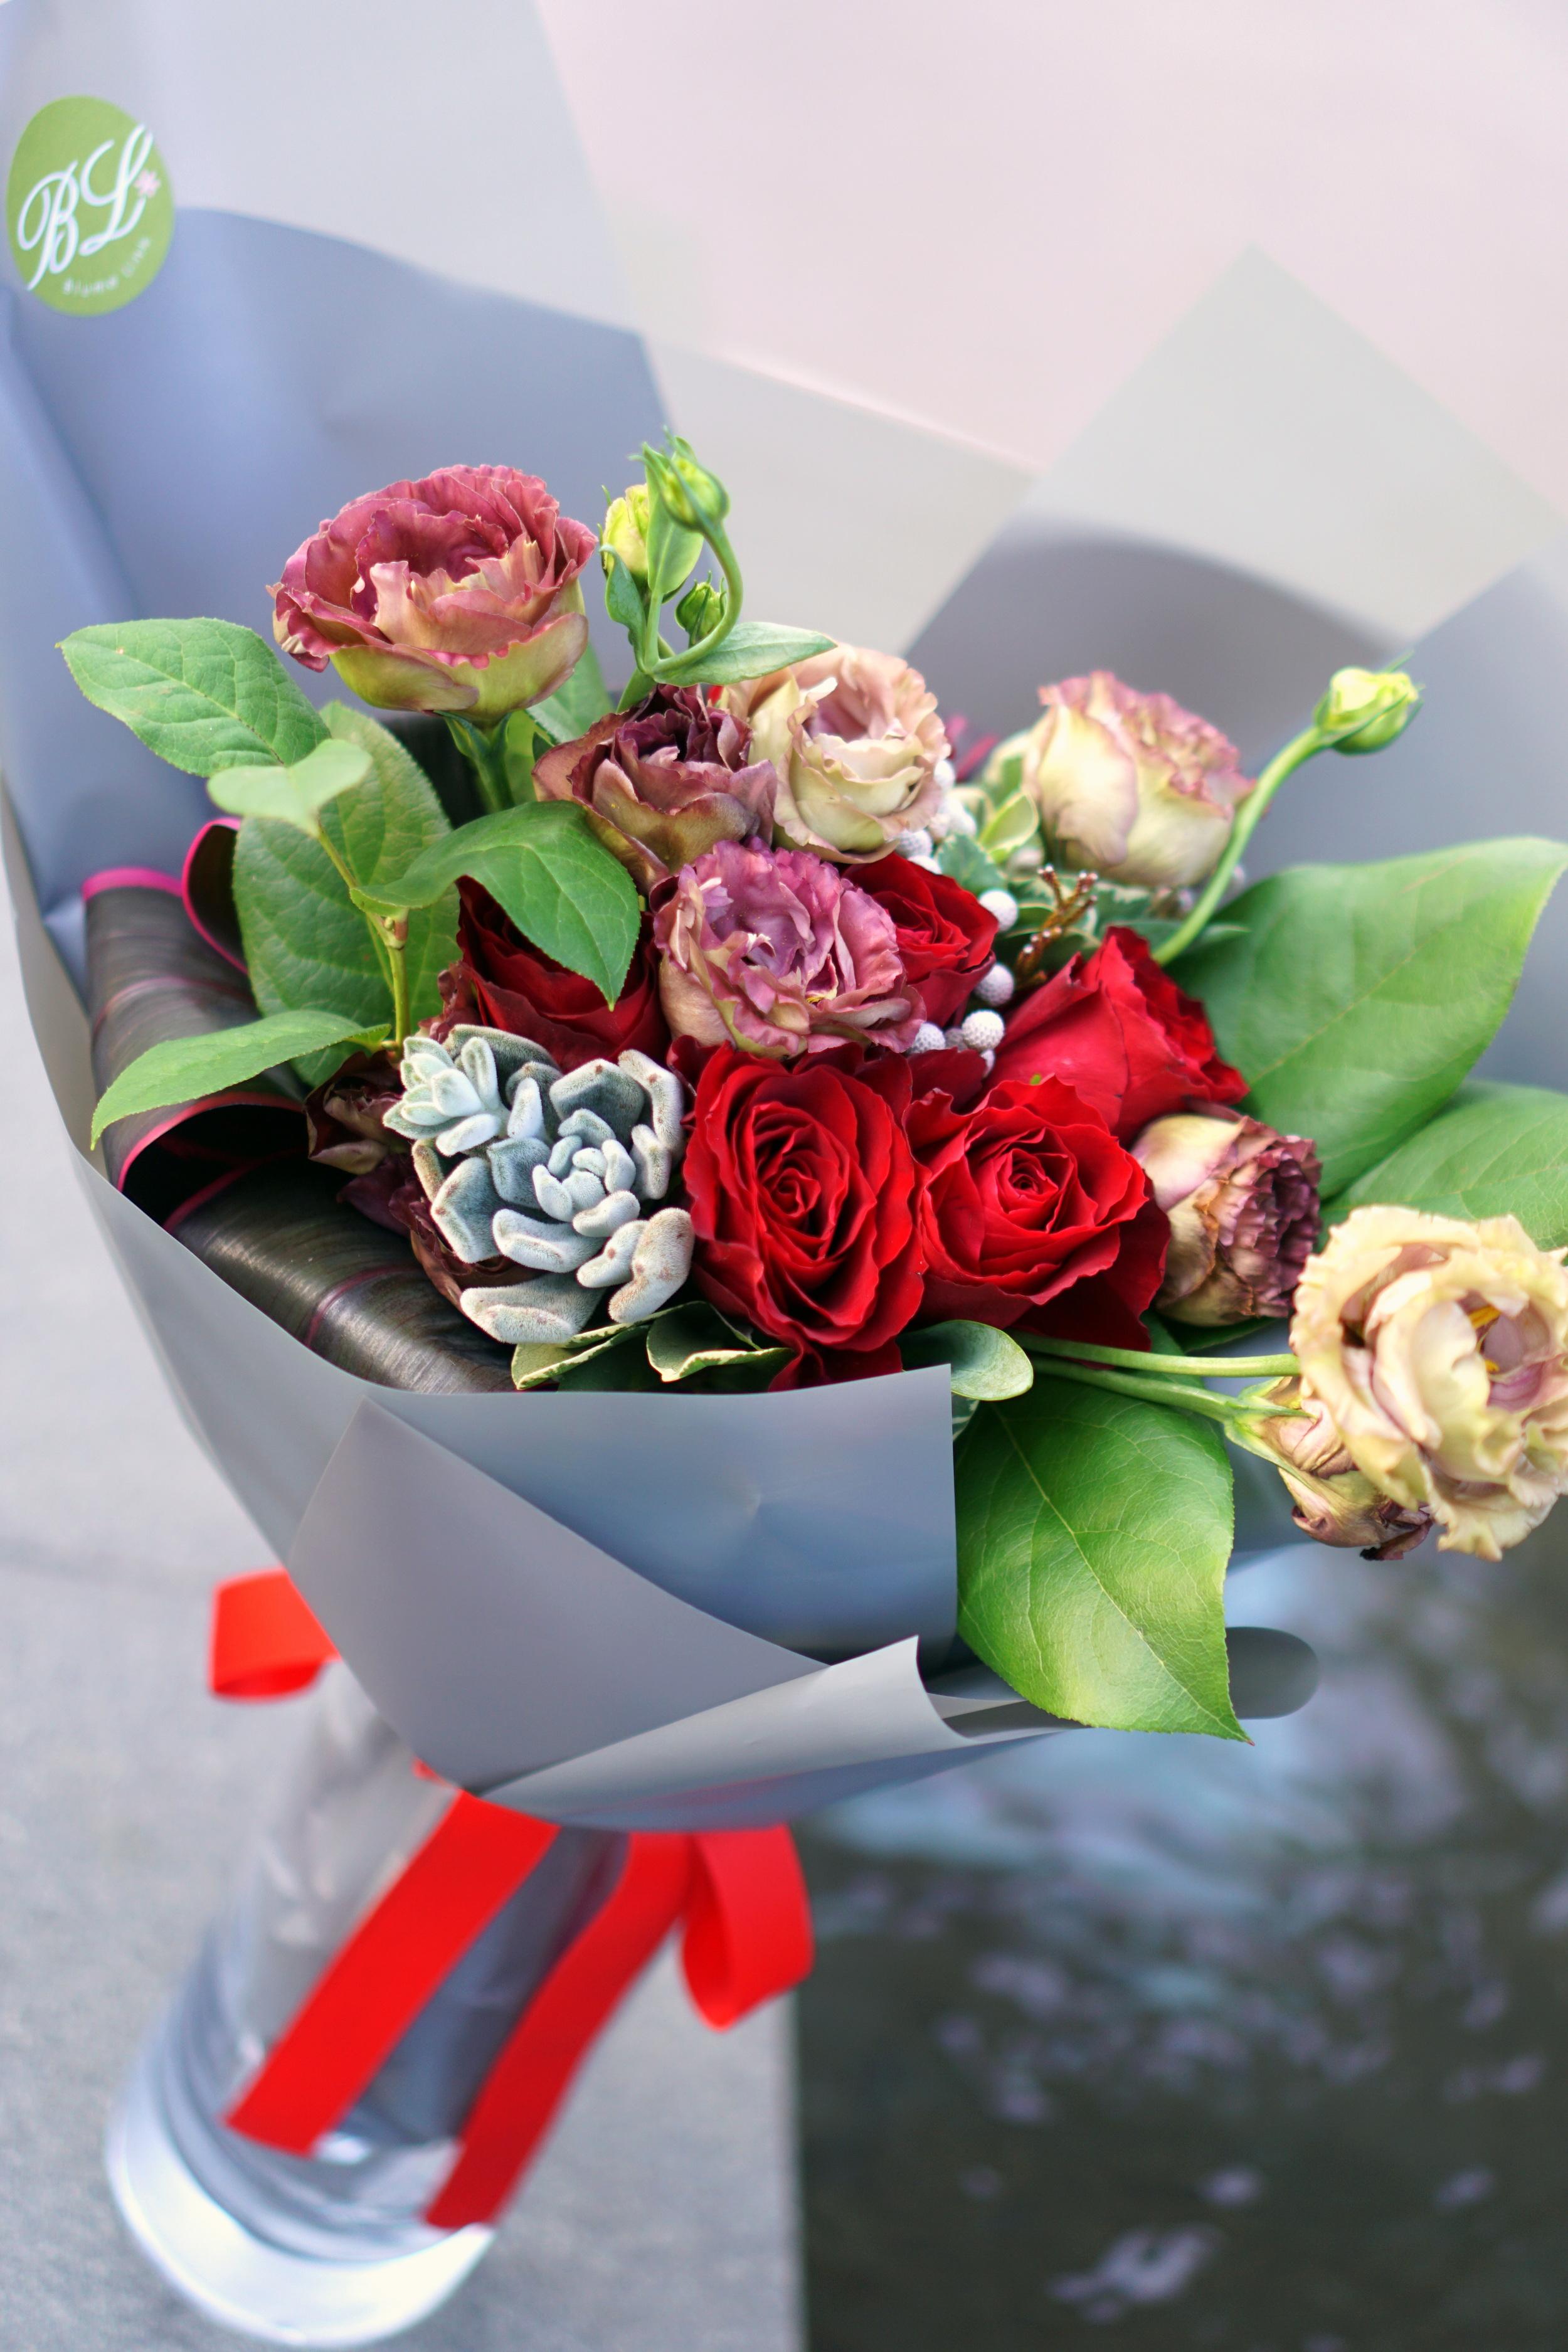 Vday Blooms.JPG